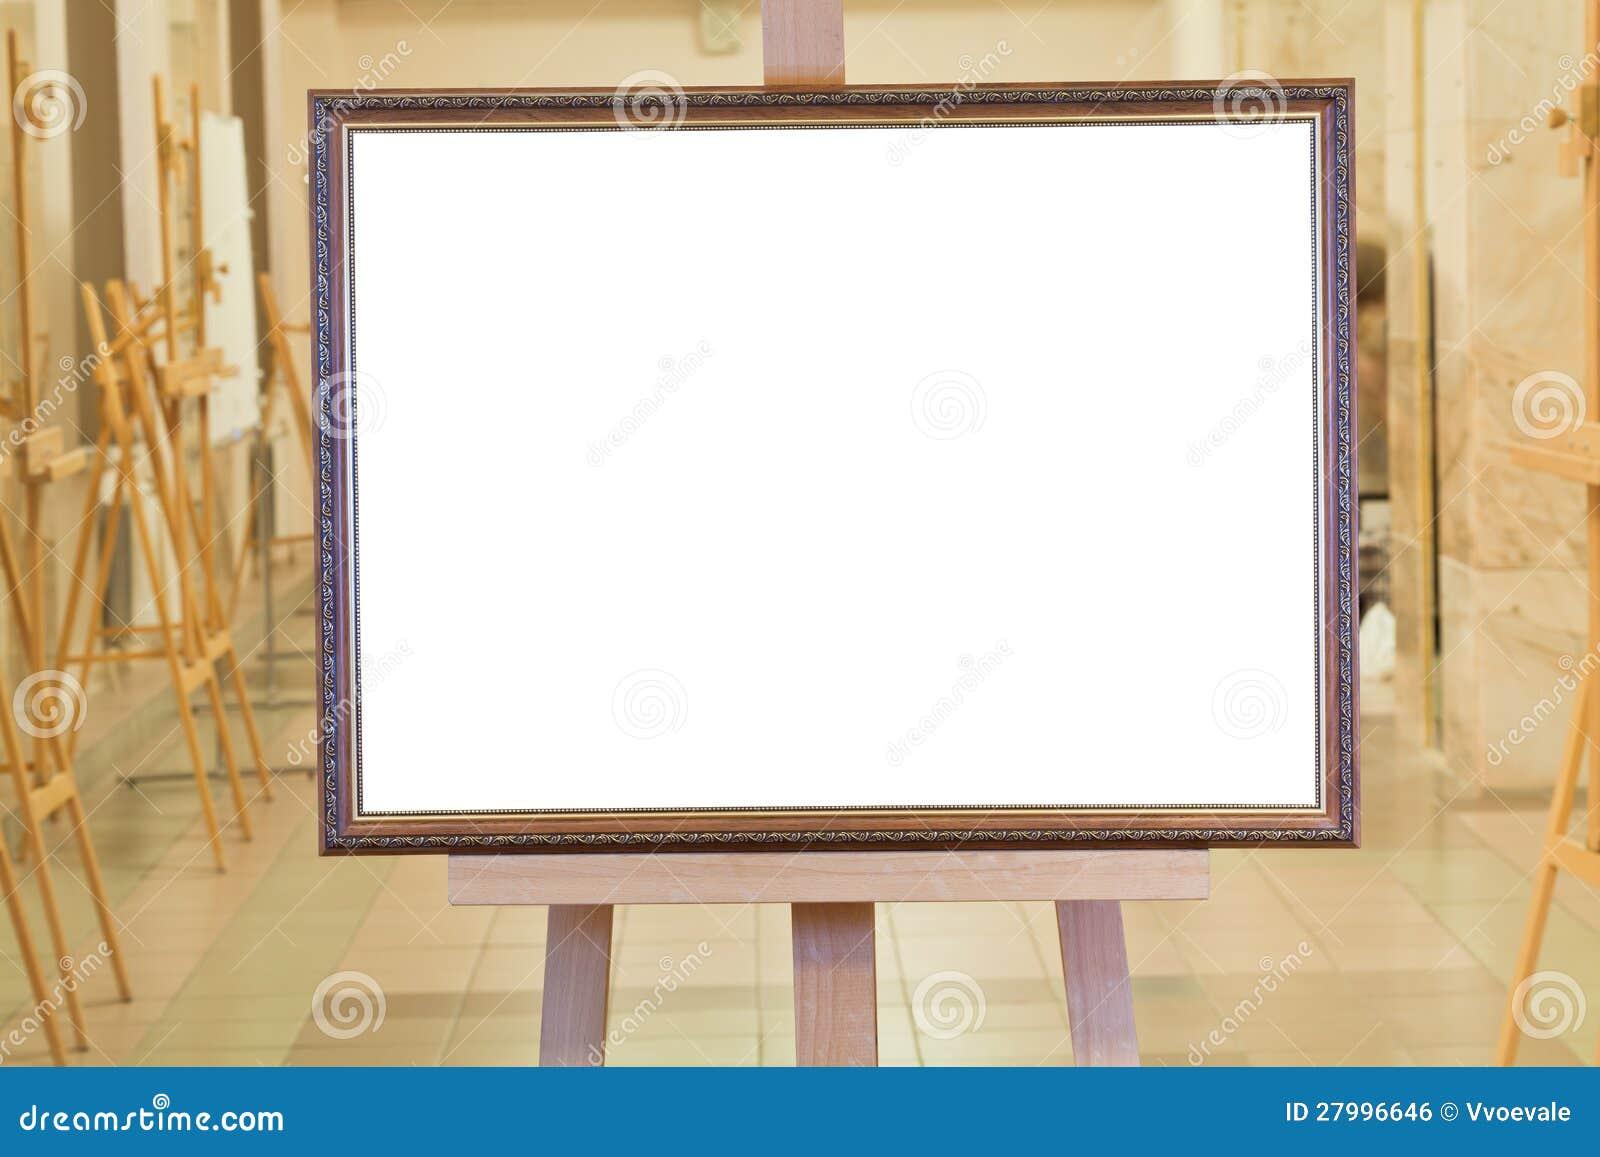 grand cadre de tableau sur le chevalet dans la galerie d. Black Bedroom Furniture Sets. Home Design Ideas